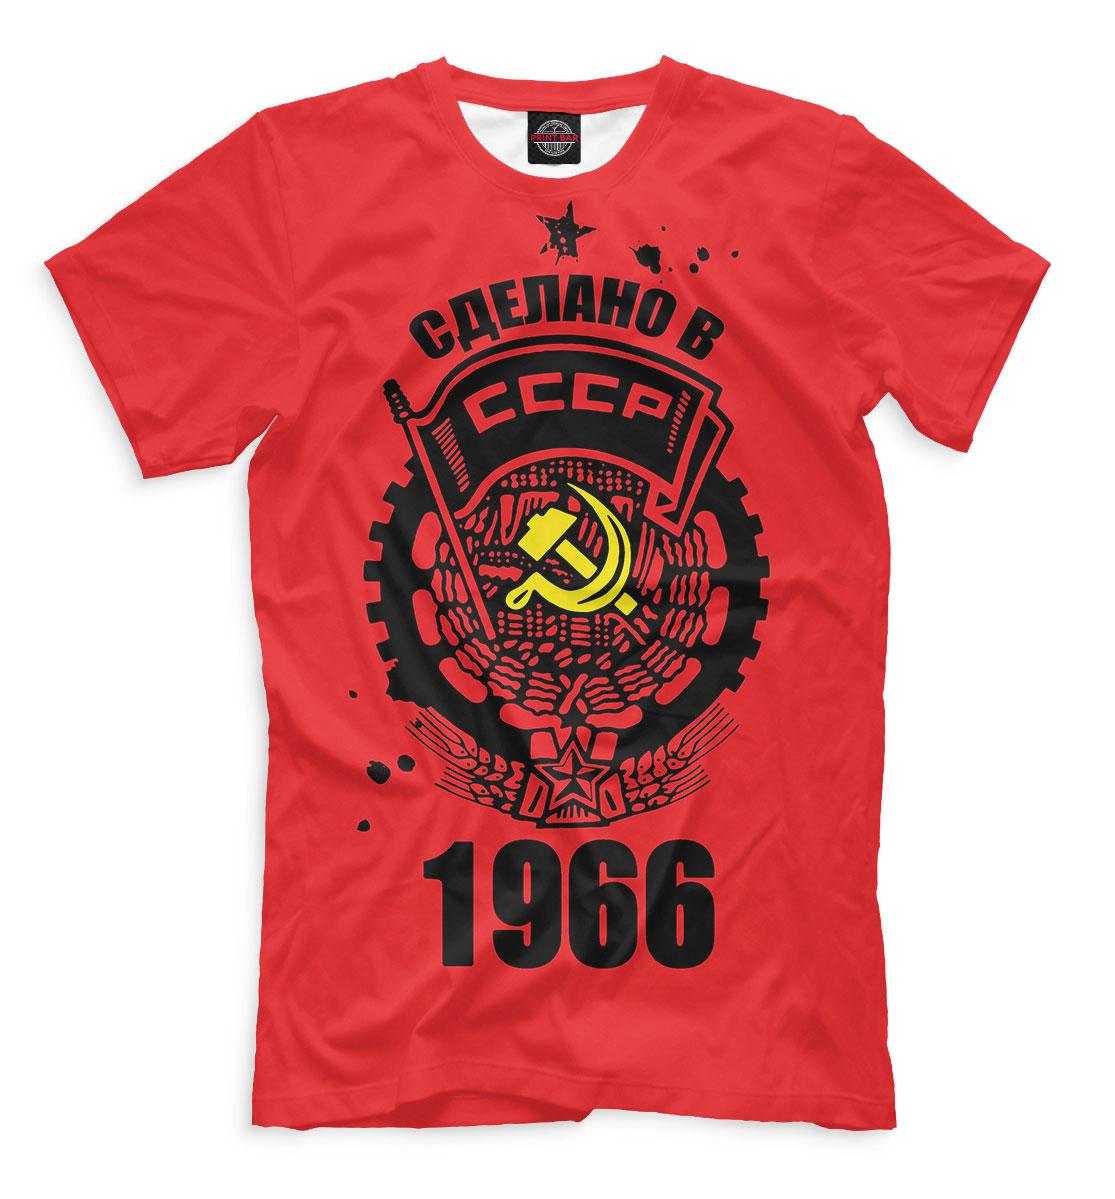 Купить Сделано в СССР — 1966, Printbar, Футболки, DHH-245253-fut-2